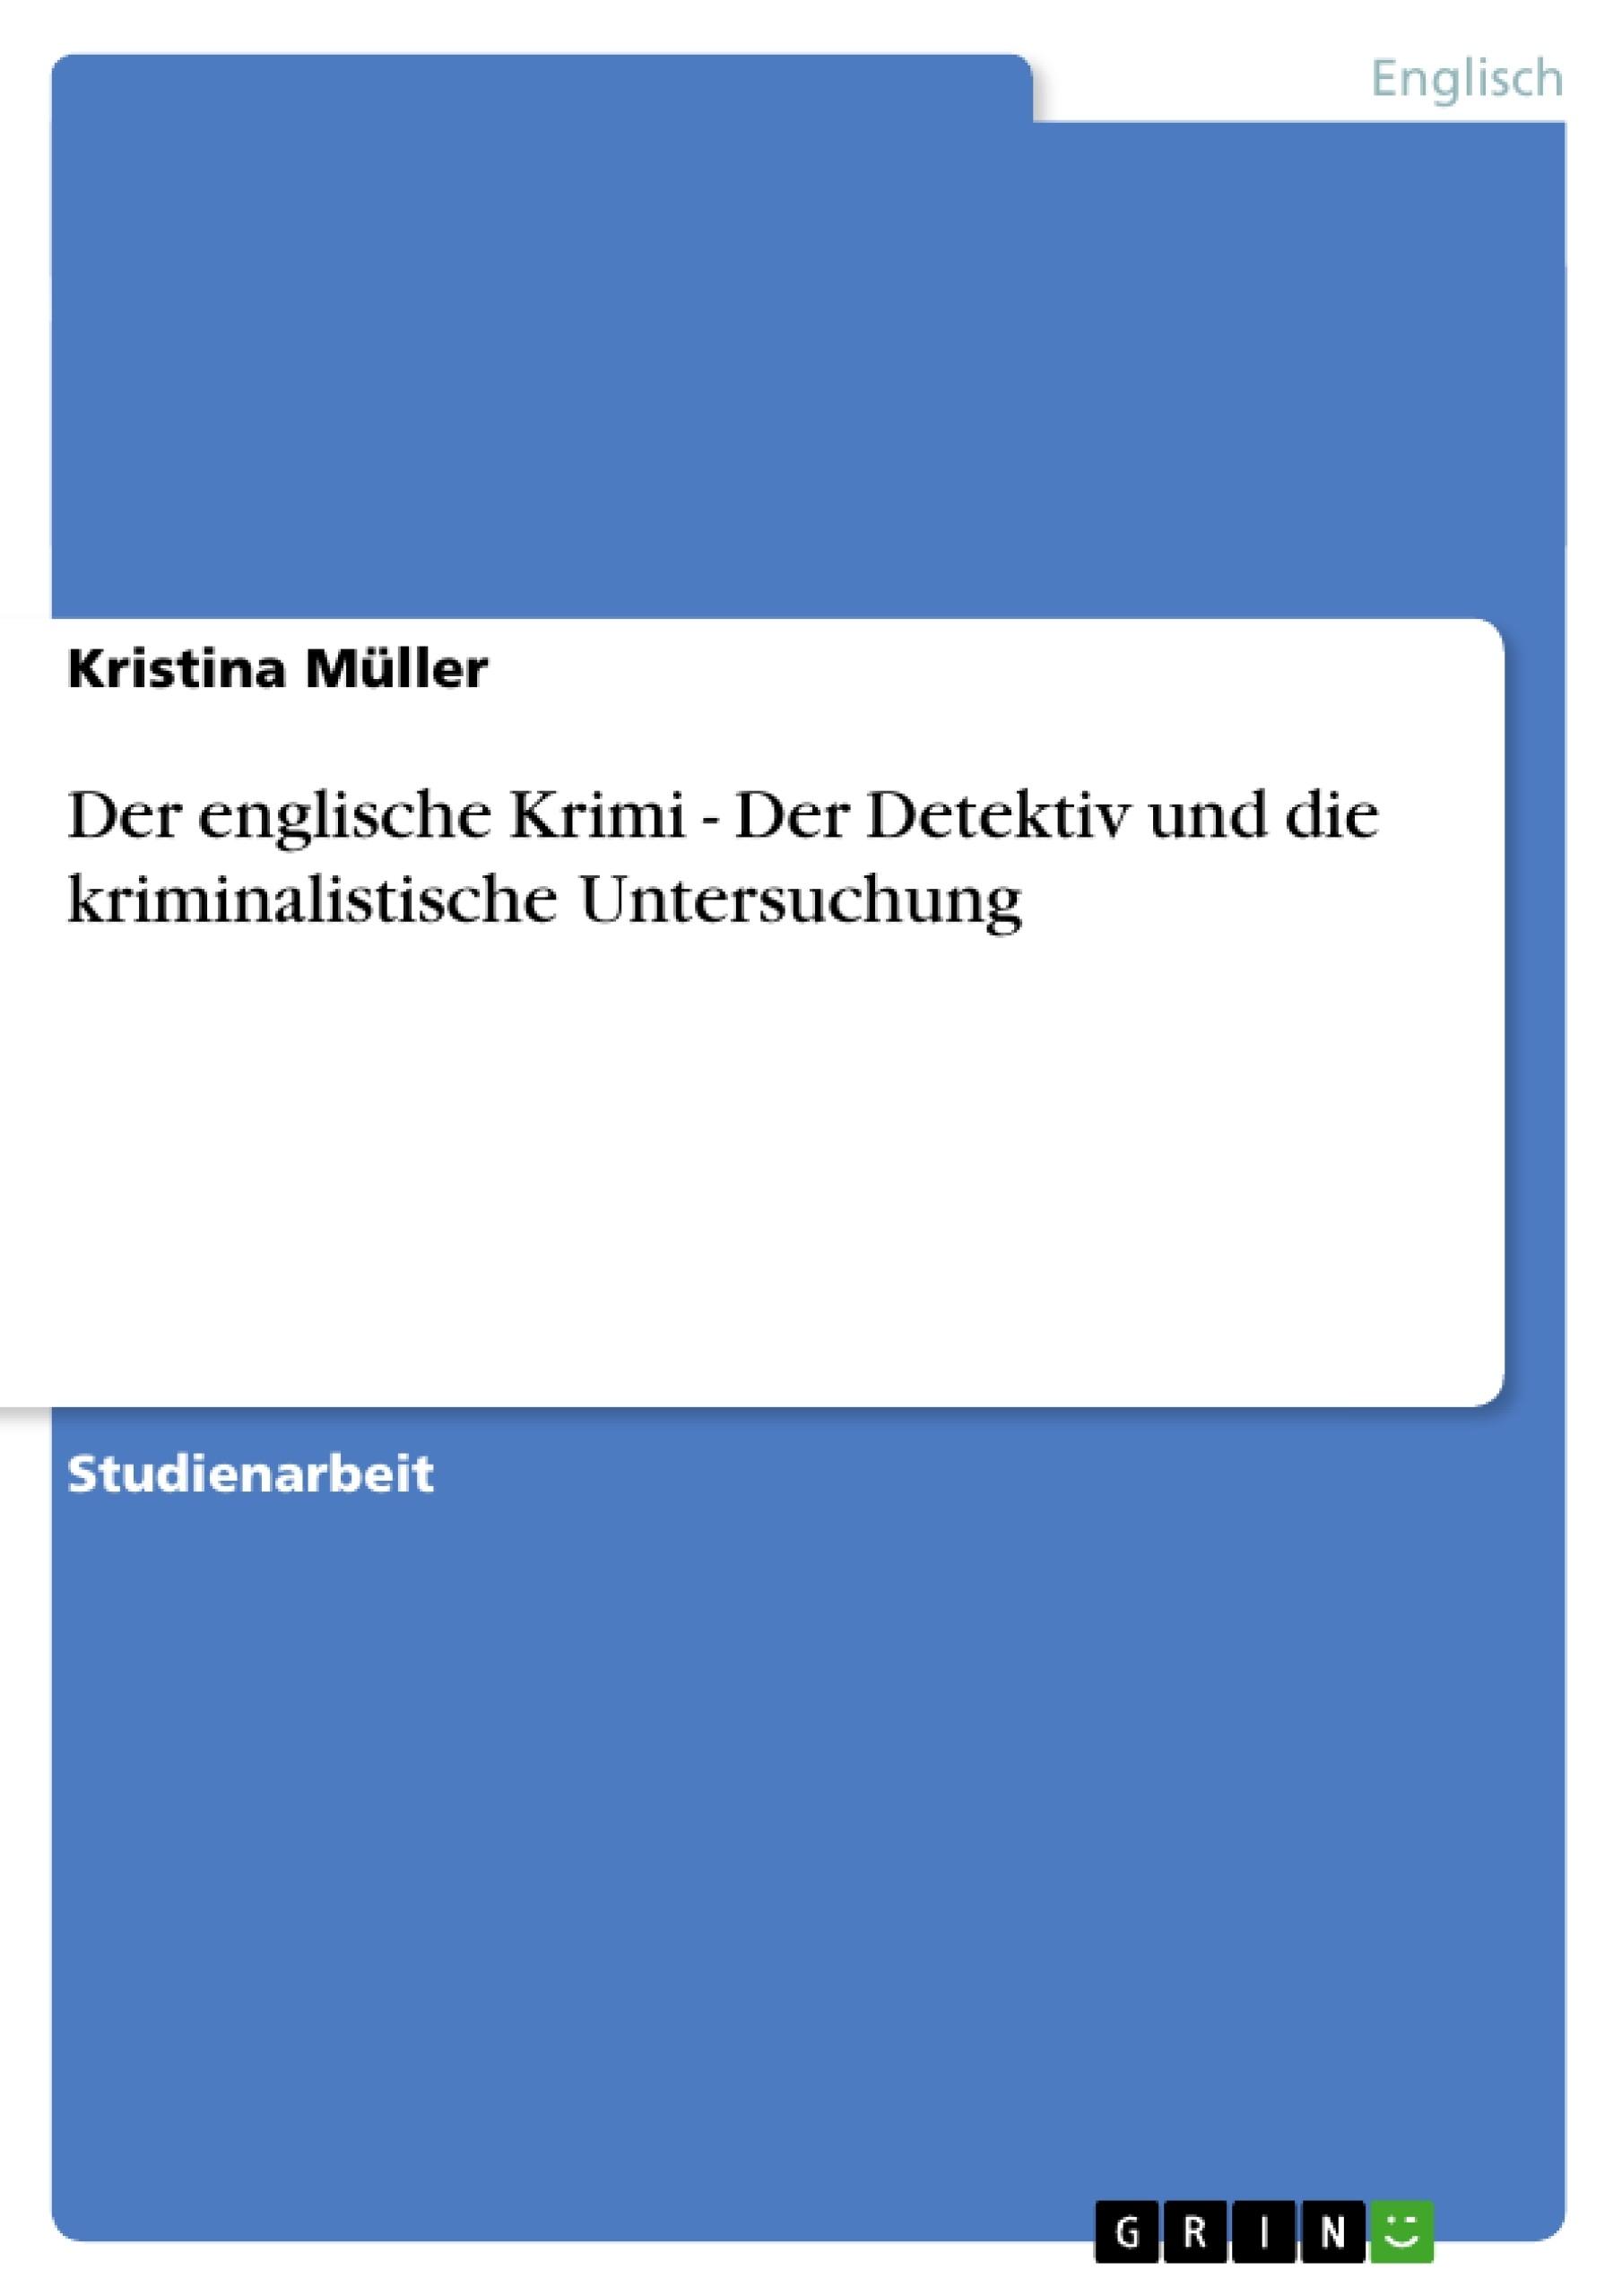 Titel: Der englische Krimi - Der Detektiv und die kriminalistische Untersuchung